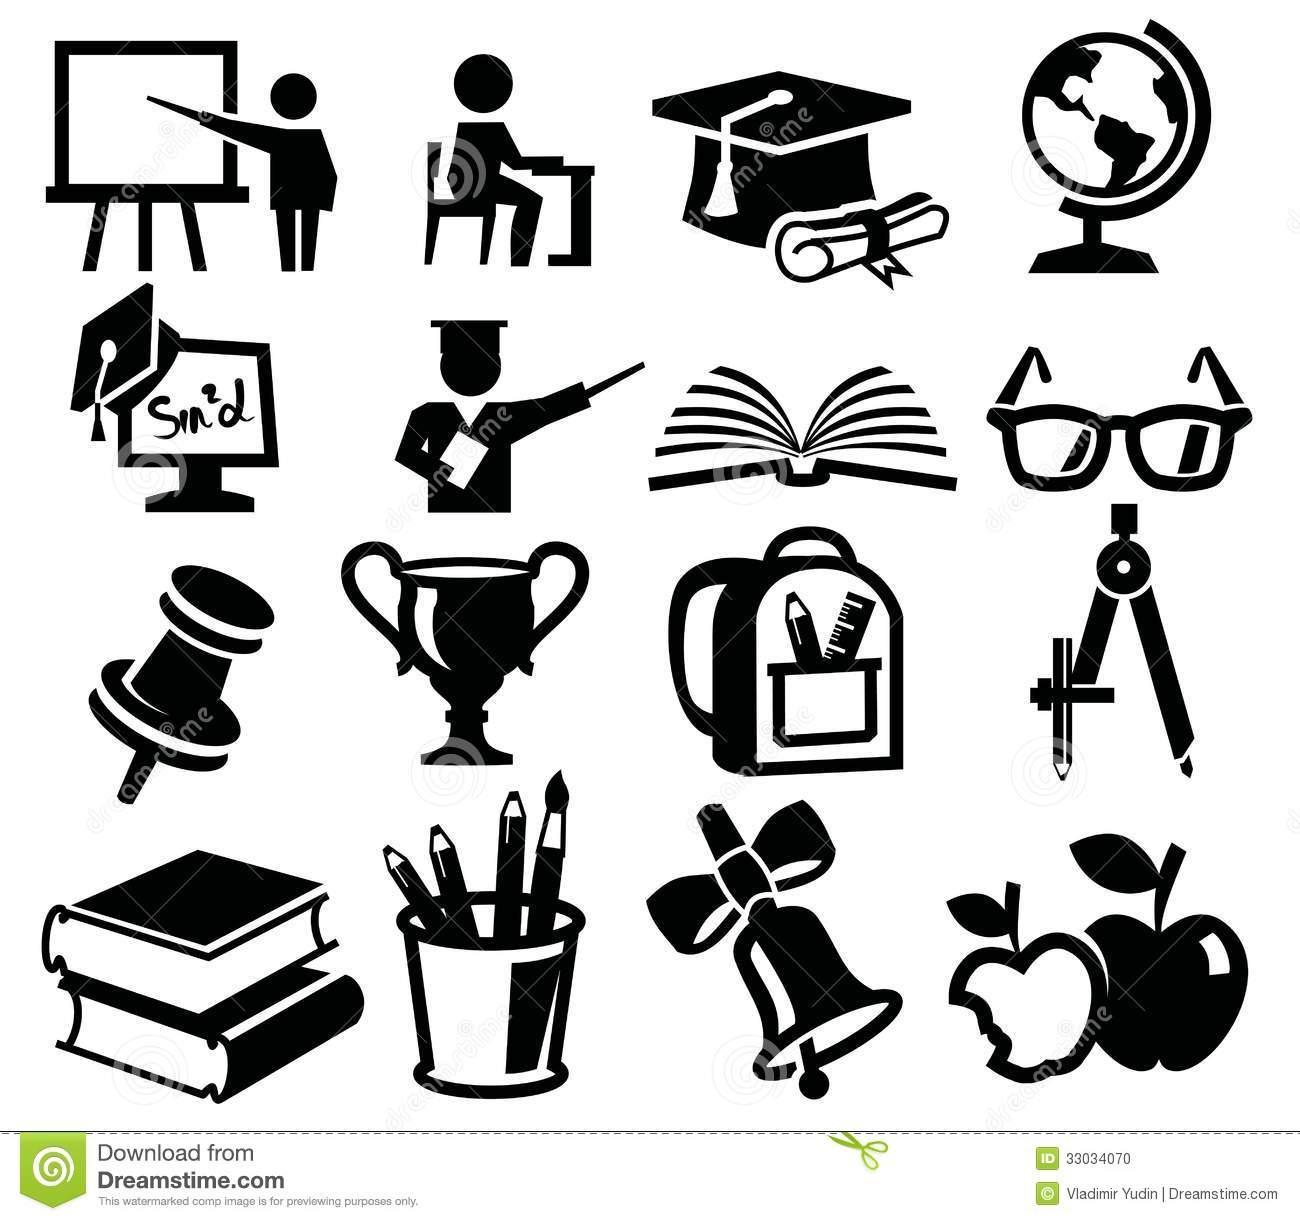 10 School Icon Black Vector Images